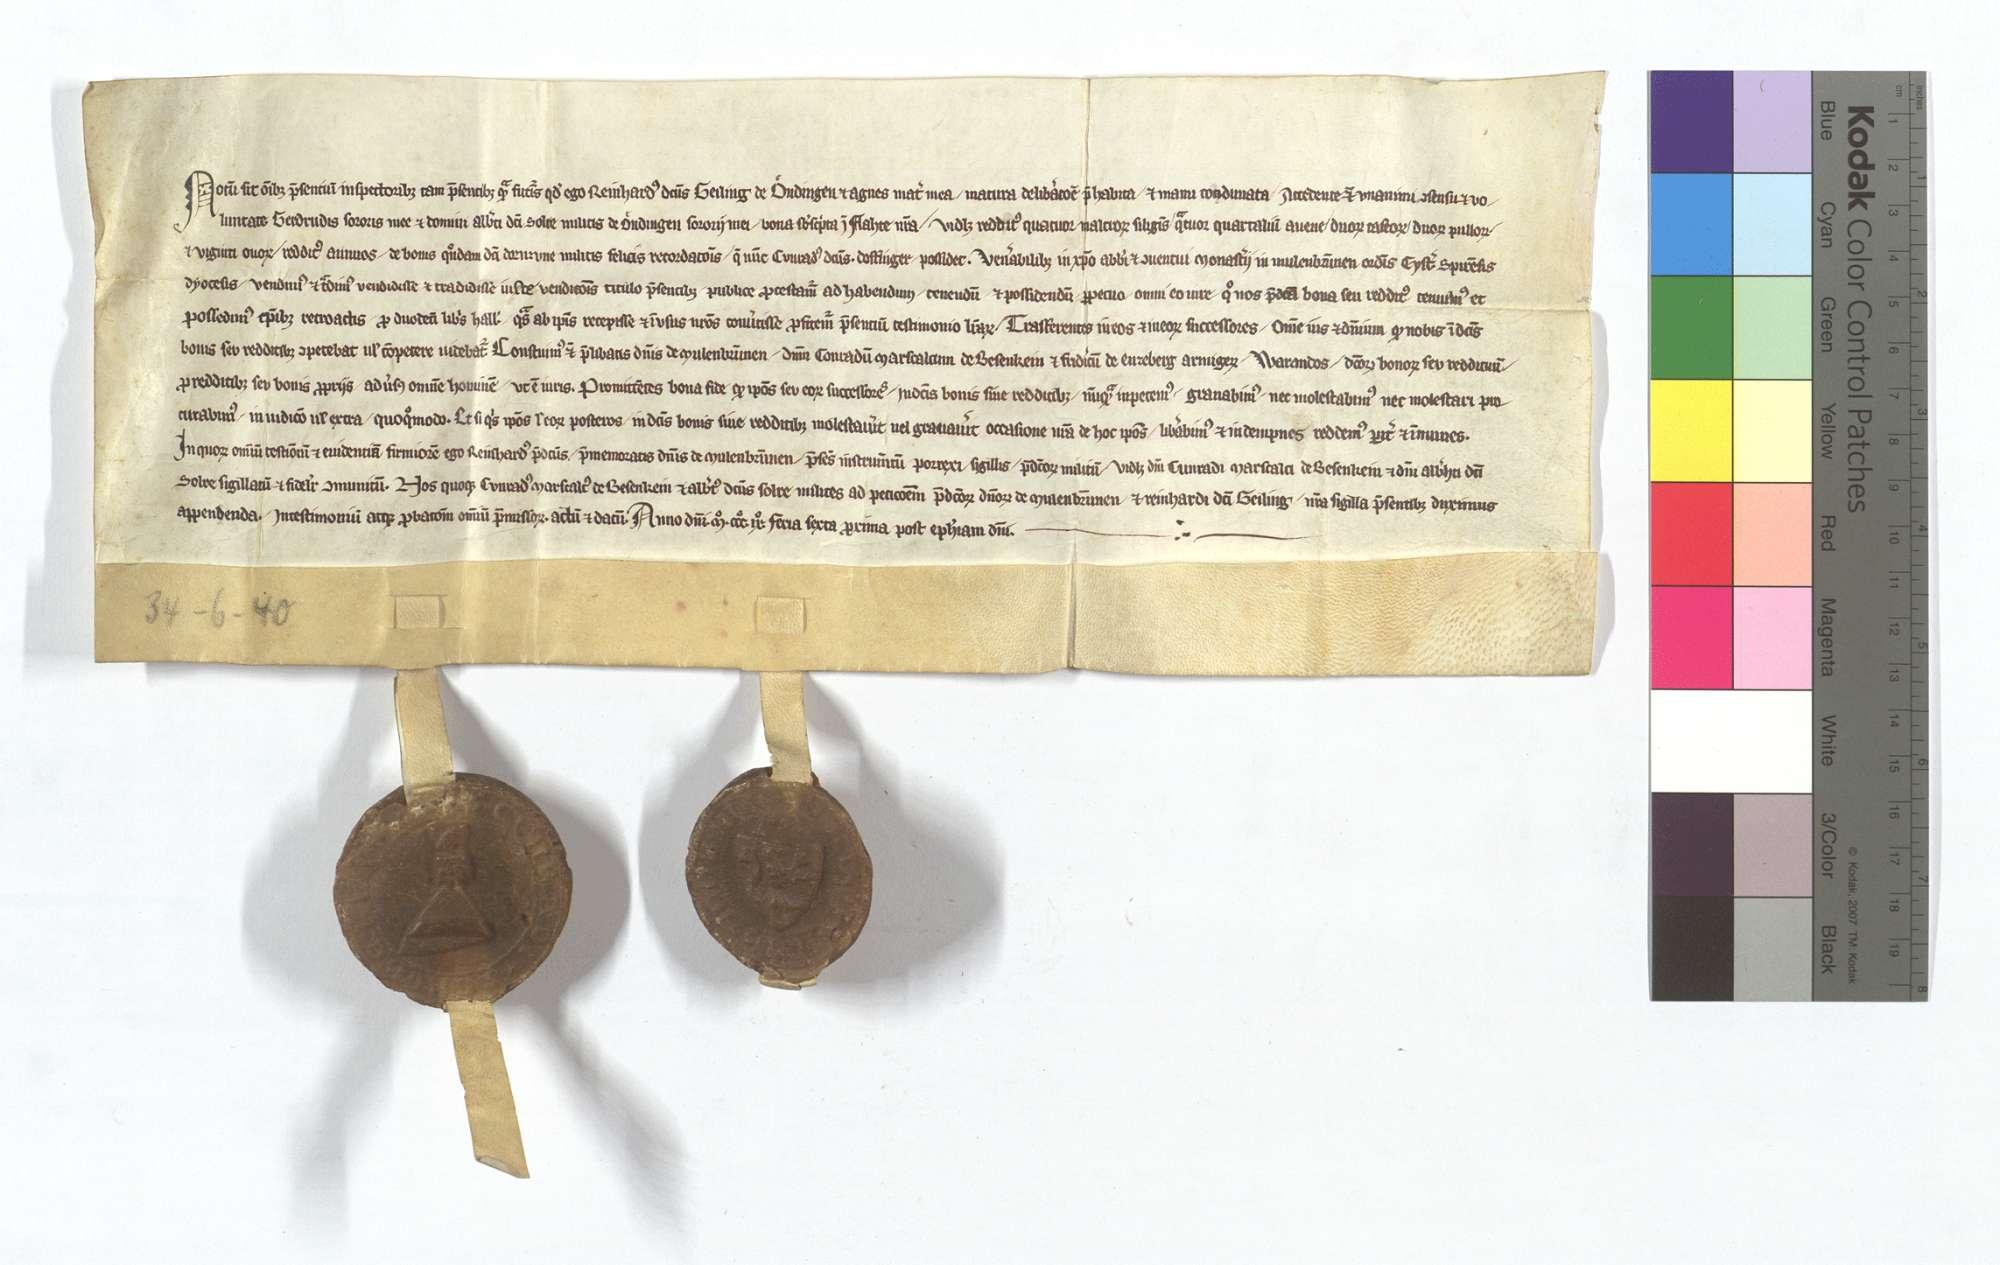 Reinhard Geiling von Ehningen verkauft dem Kloster Maulbronn etliche Gülten in Flacht., Text